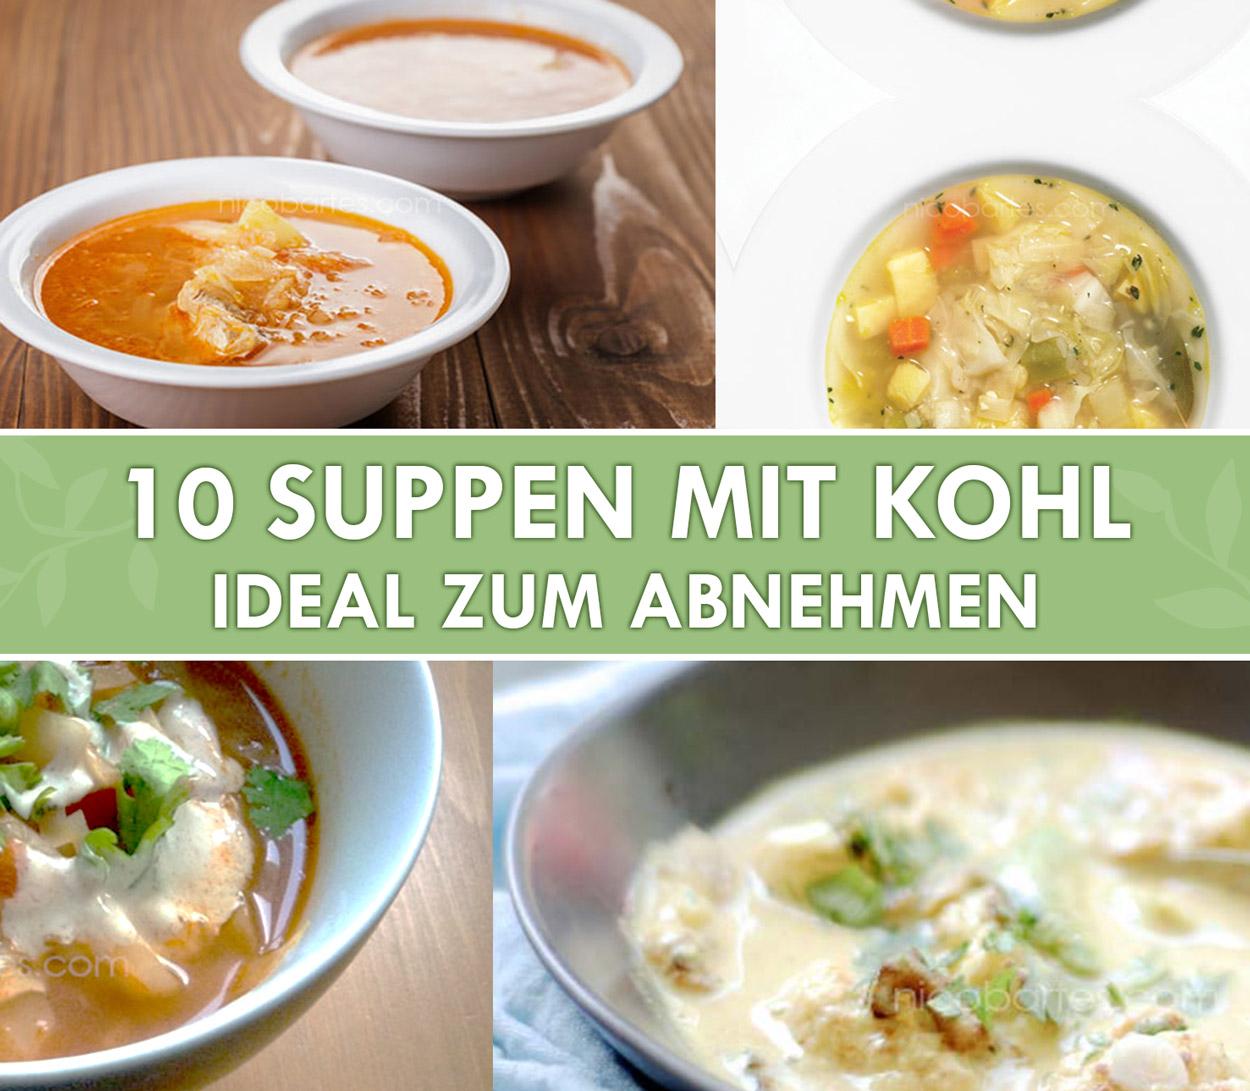 10 einfache Kohlsuppe Rezepte zum Abnehmen